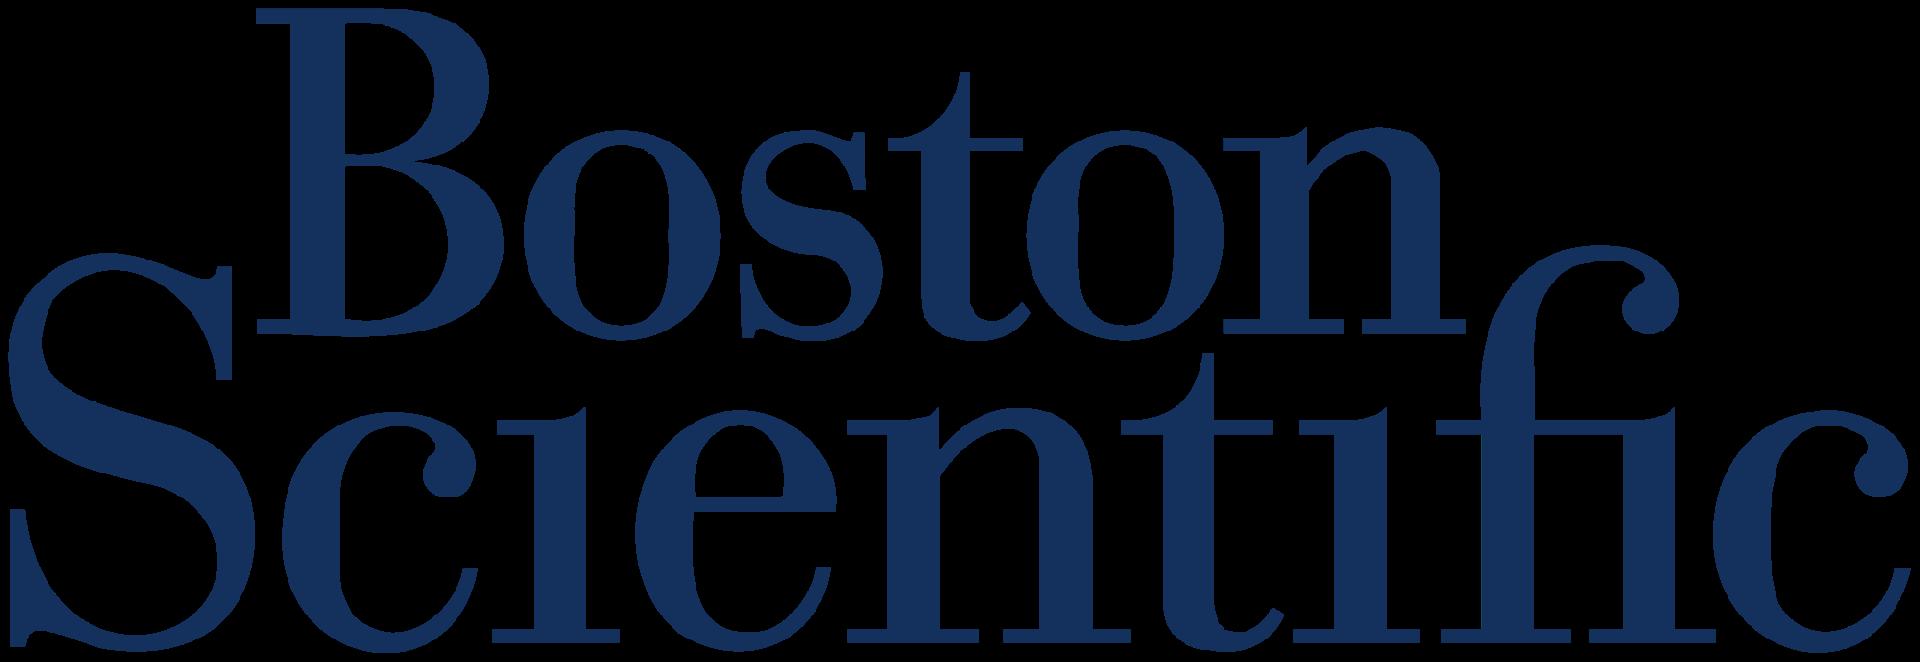 Boston sci как работать на форекс ютуб